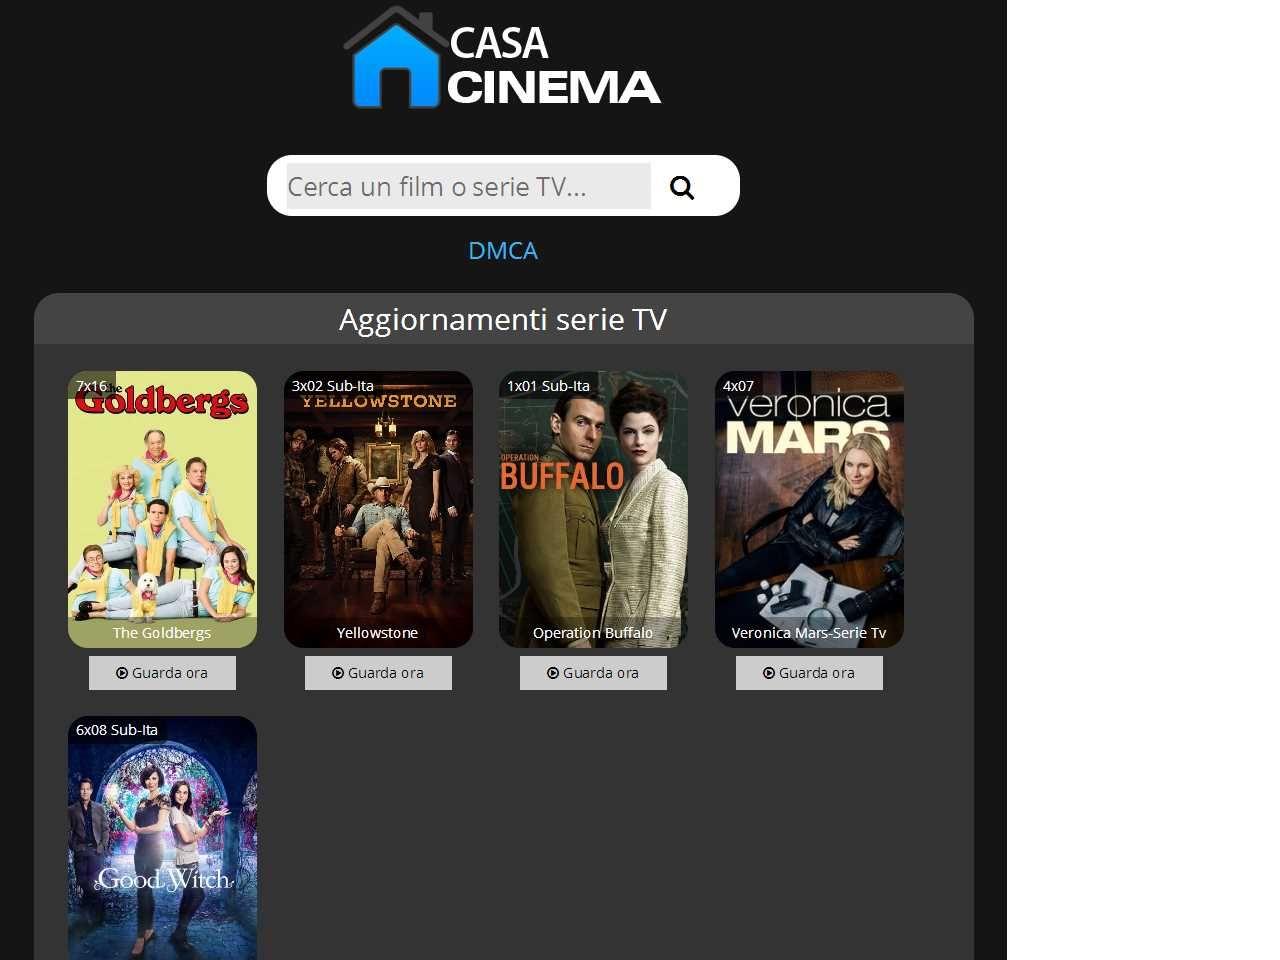 Casacinema Film e Serie TV Netflix in Streaming in 2020